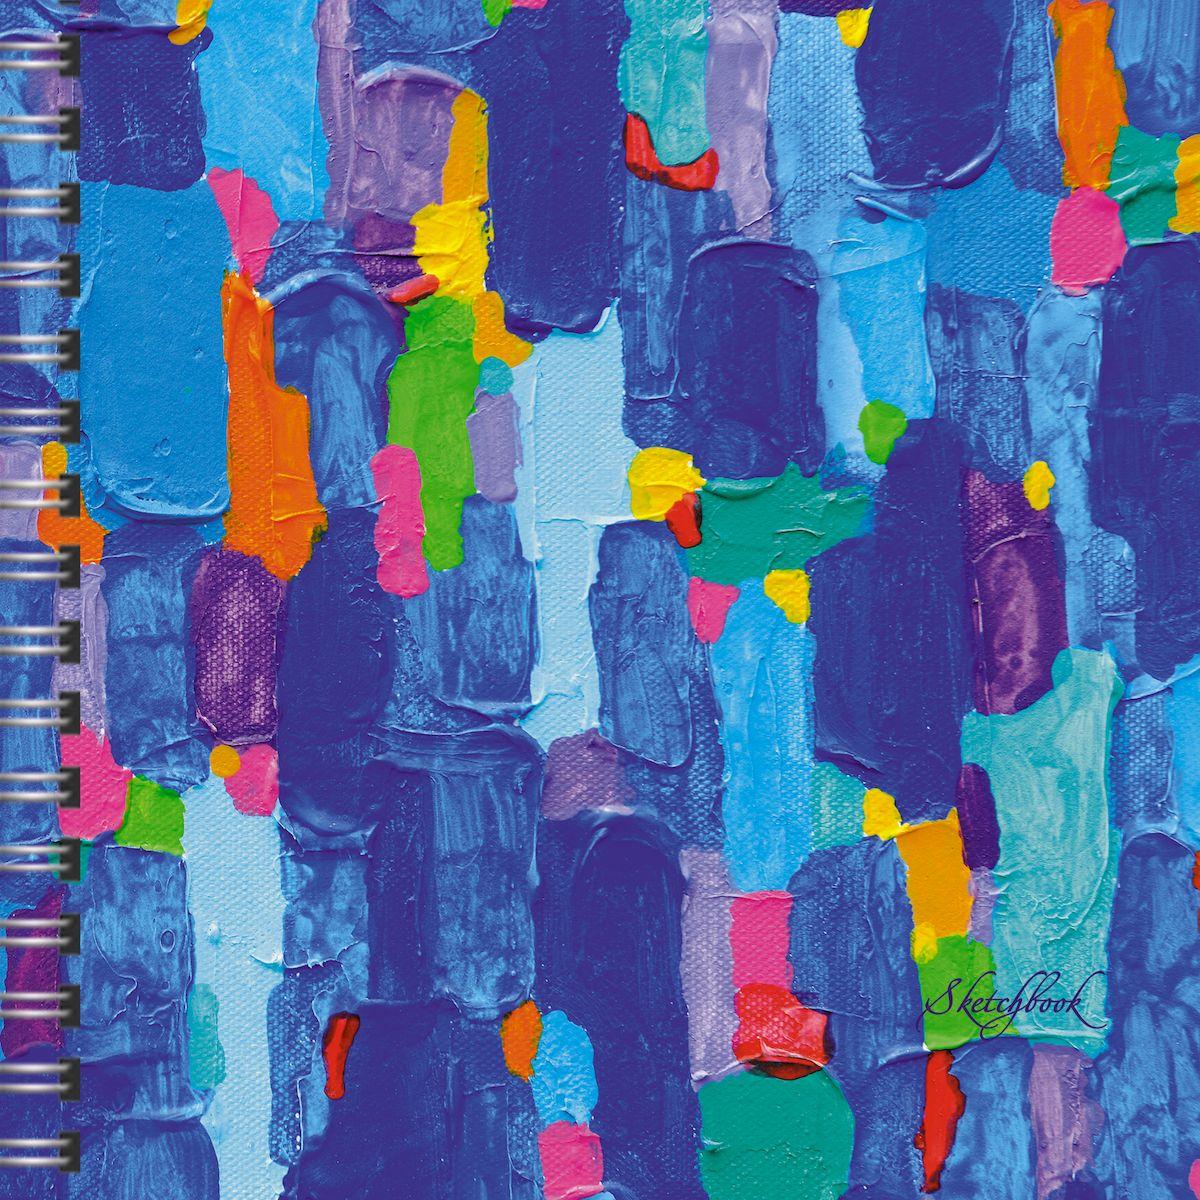 Listoff Скетчбук Лазурная палитра 80 листовТС5804487Скетчинг – современное увлечение, способ самовыражения, отражение впечатлений в путешествии или просто возможность занять время в ожидании. В скетчпадах Канц-Эксмо внутренний блок состоит из бумаги плотностью 100г/м2, которая идеально подходит для ежедневных зарисовок самыми разными письменными и художественными принадлежностями. Новый формат скетчбуков А5 с евроспиралью сверху станет легким и удобным спутником как для взрослых, так и для маленьких обладателей творческих талантов.